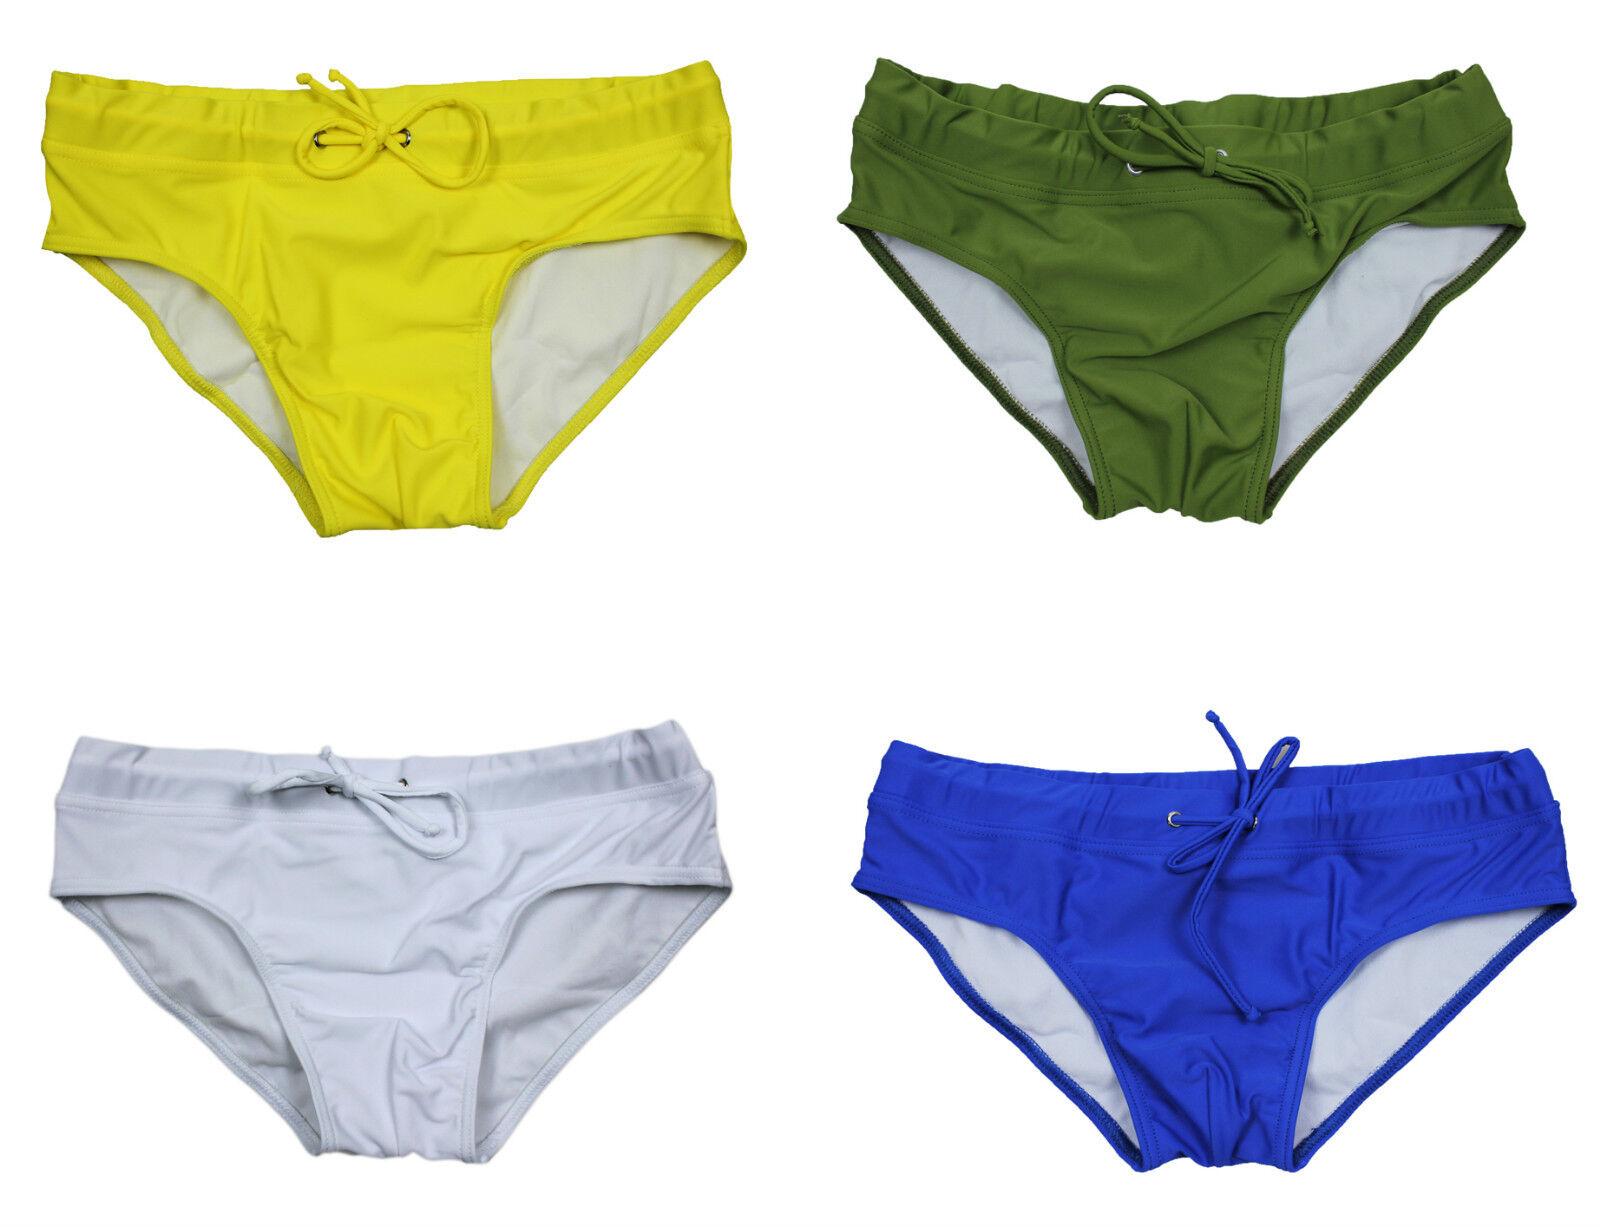 costume mare uomo slip mutanda fluo giallo verde bianco blu 100 made in italy